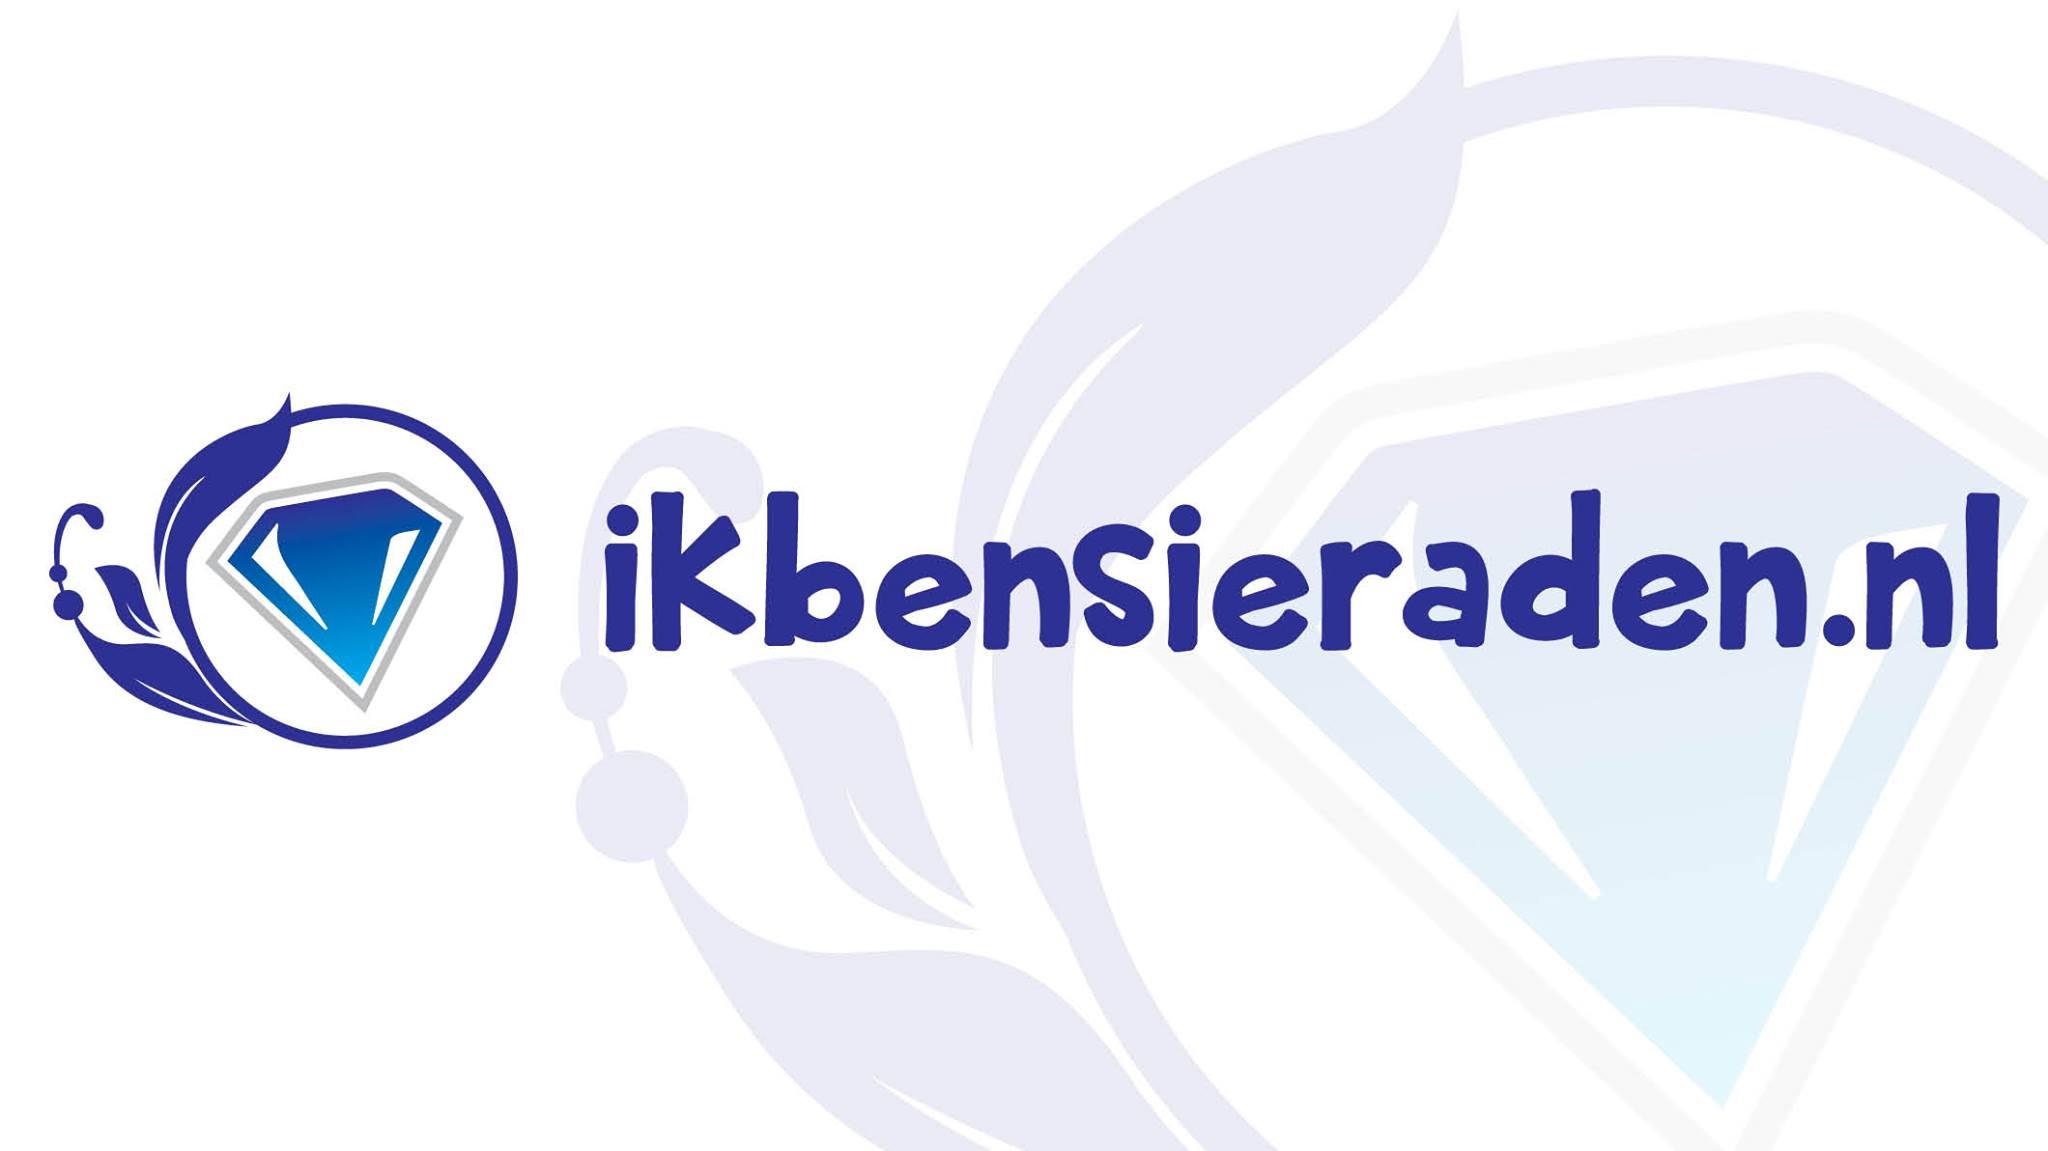 ikbensieraden.nl